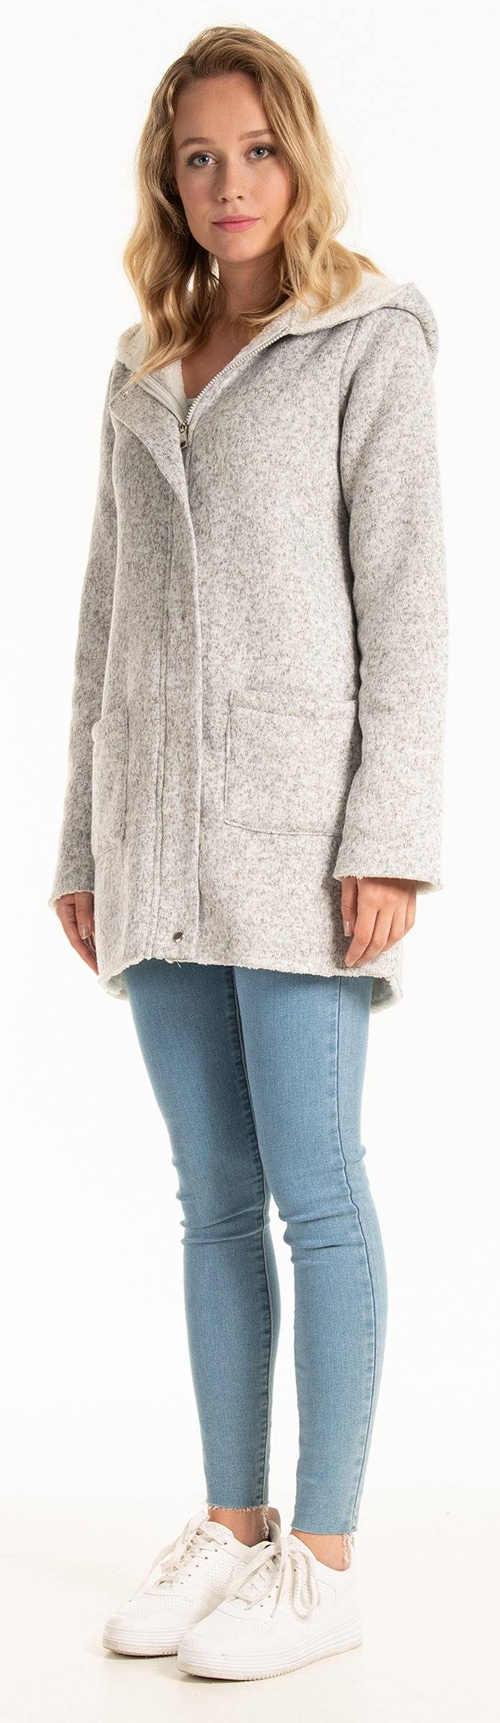 Krátký světle šedý plyšový dámský zimní kabát